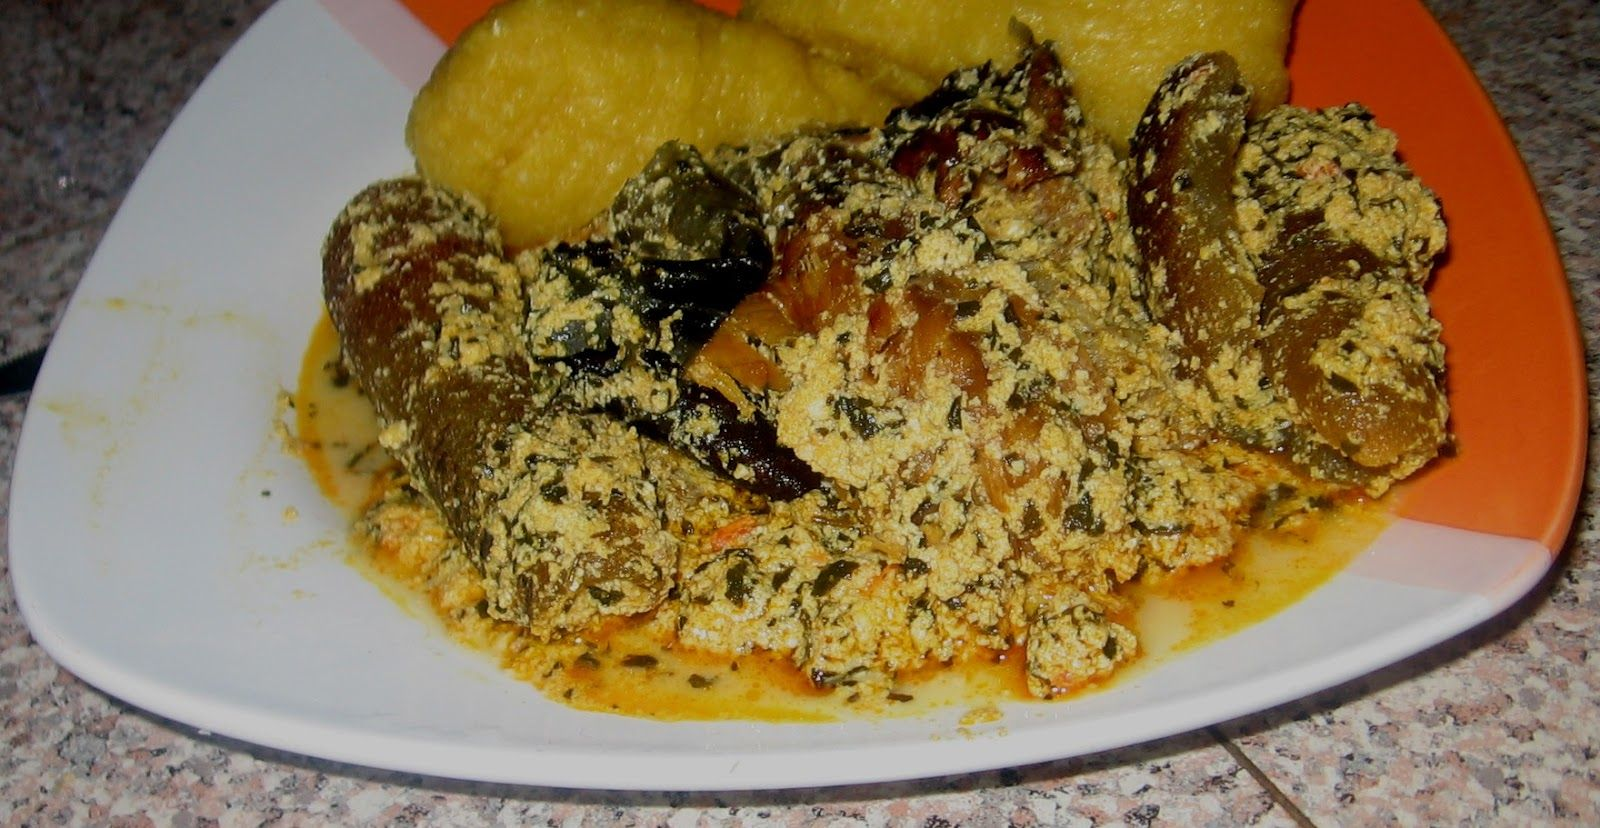 EBA: Eba And Egusi Soup With Fish And Pomo...Eba And Egusi Soup